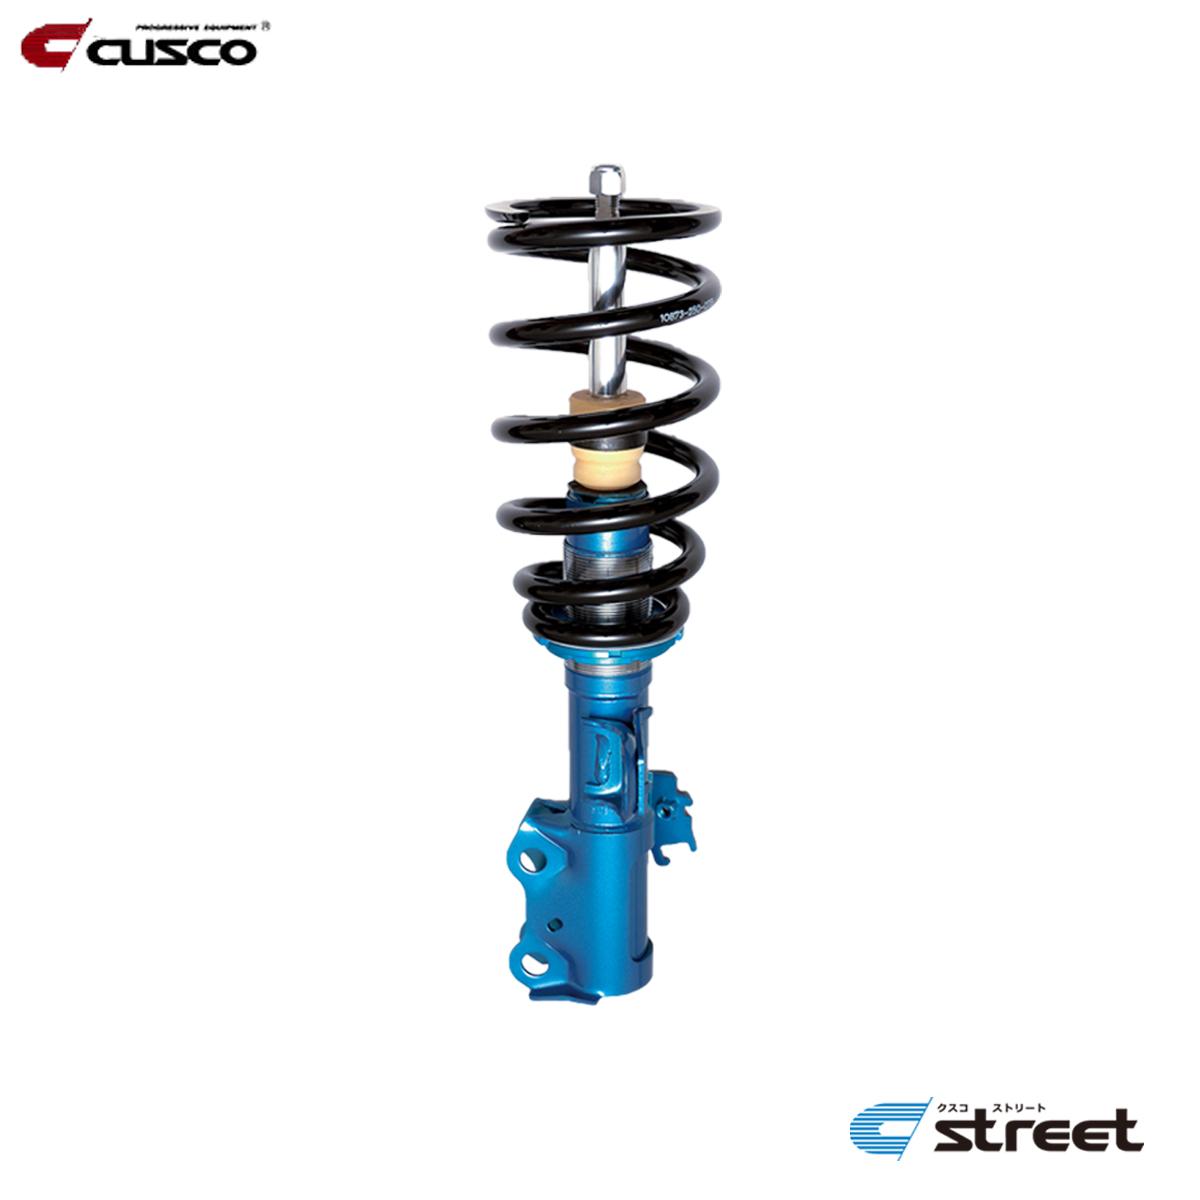 <title>CUSCO クスコ エリシオン RR1?6 車高調 全長固定式 362-62K-CBA _サスペンション関連_ SALE開催中</title>